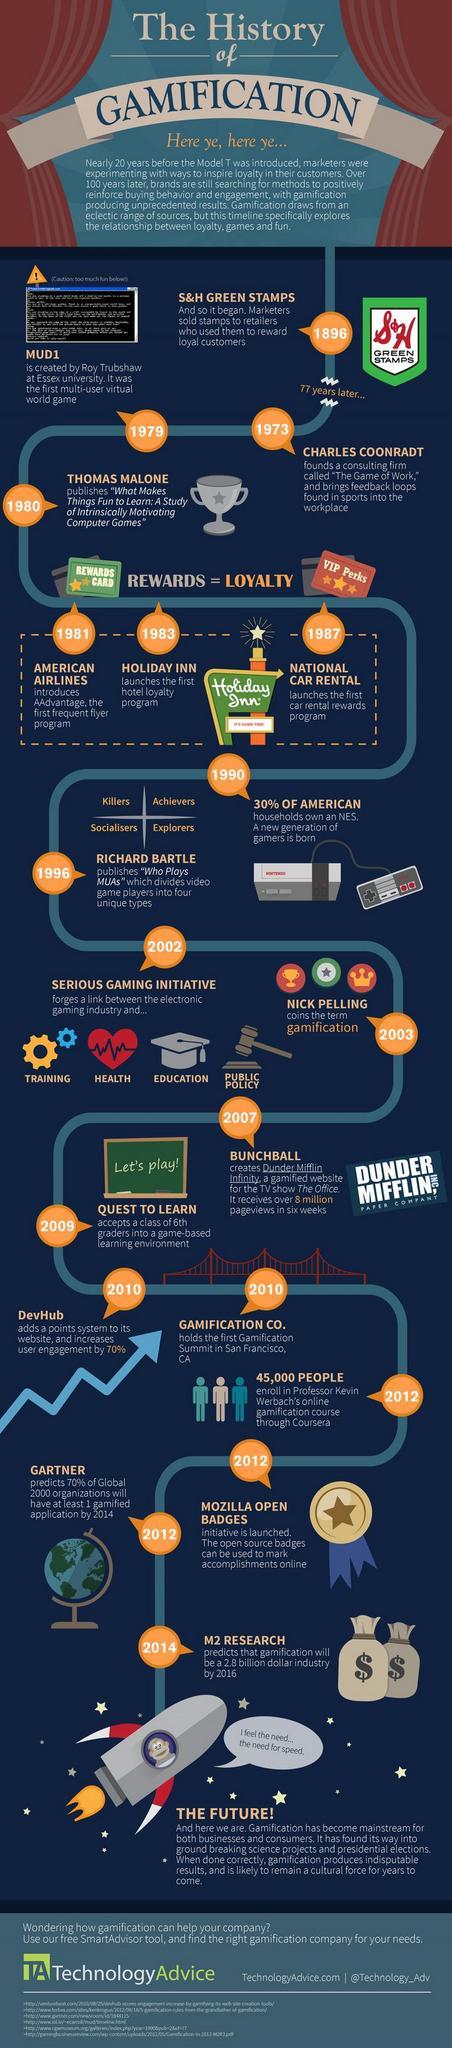 Historia de la Gamificación con algunos de los ejemplos más relavantes como el proyecto de Mozilla Open Badges